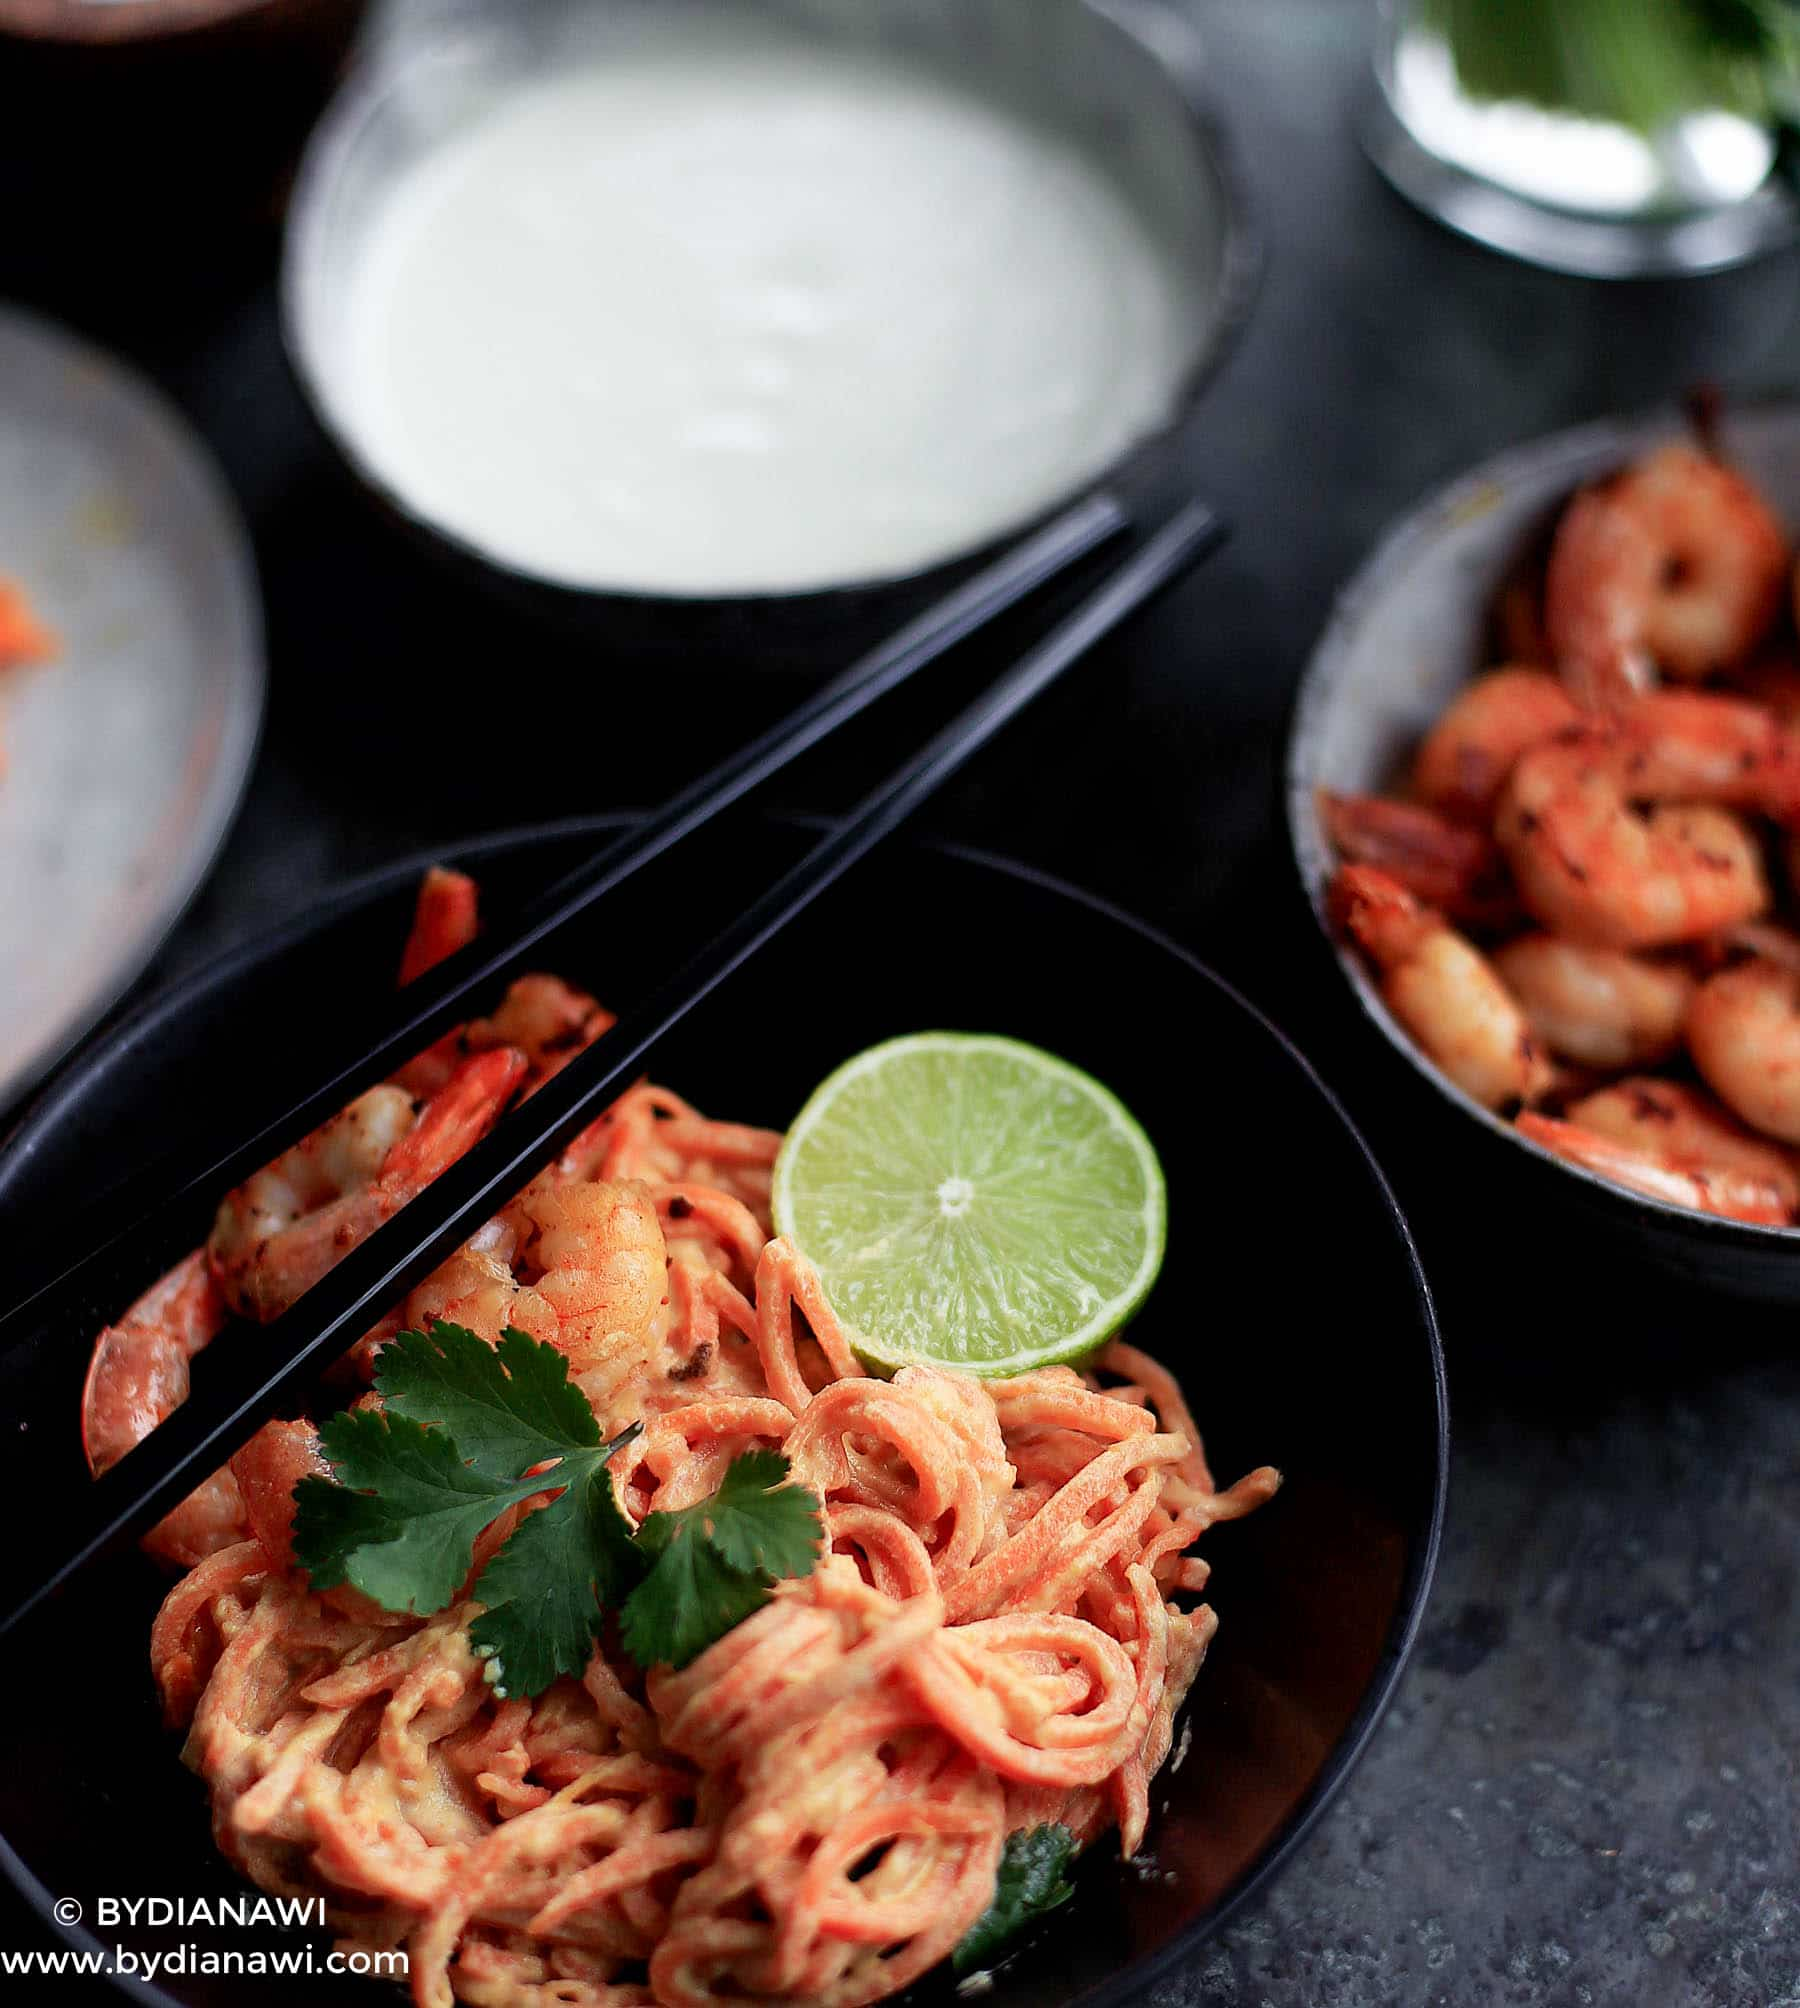 spiralizer, søde kartofler, cashew sauce, grøntsagsnudler, sund aftensmad, low carb